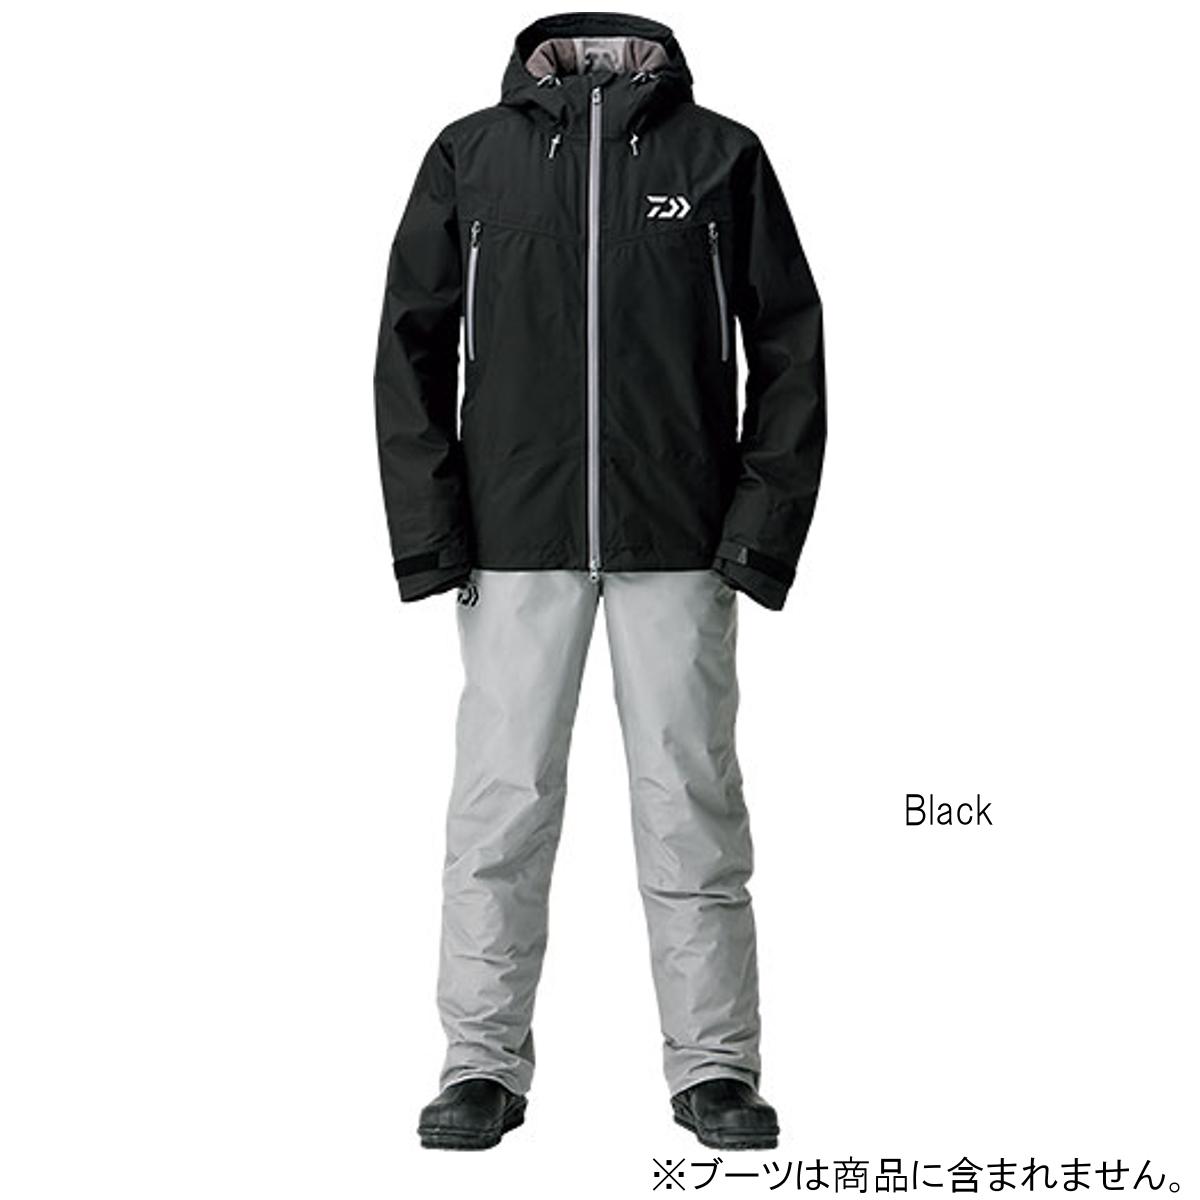 ダイワ ゴアテックス ファブリクス ウィンタースーツ DW-1908 M Black【送料無料】